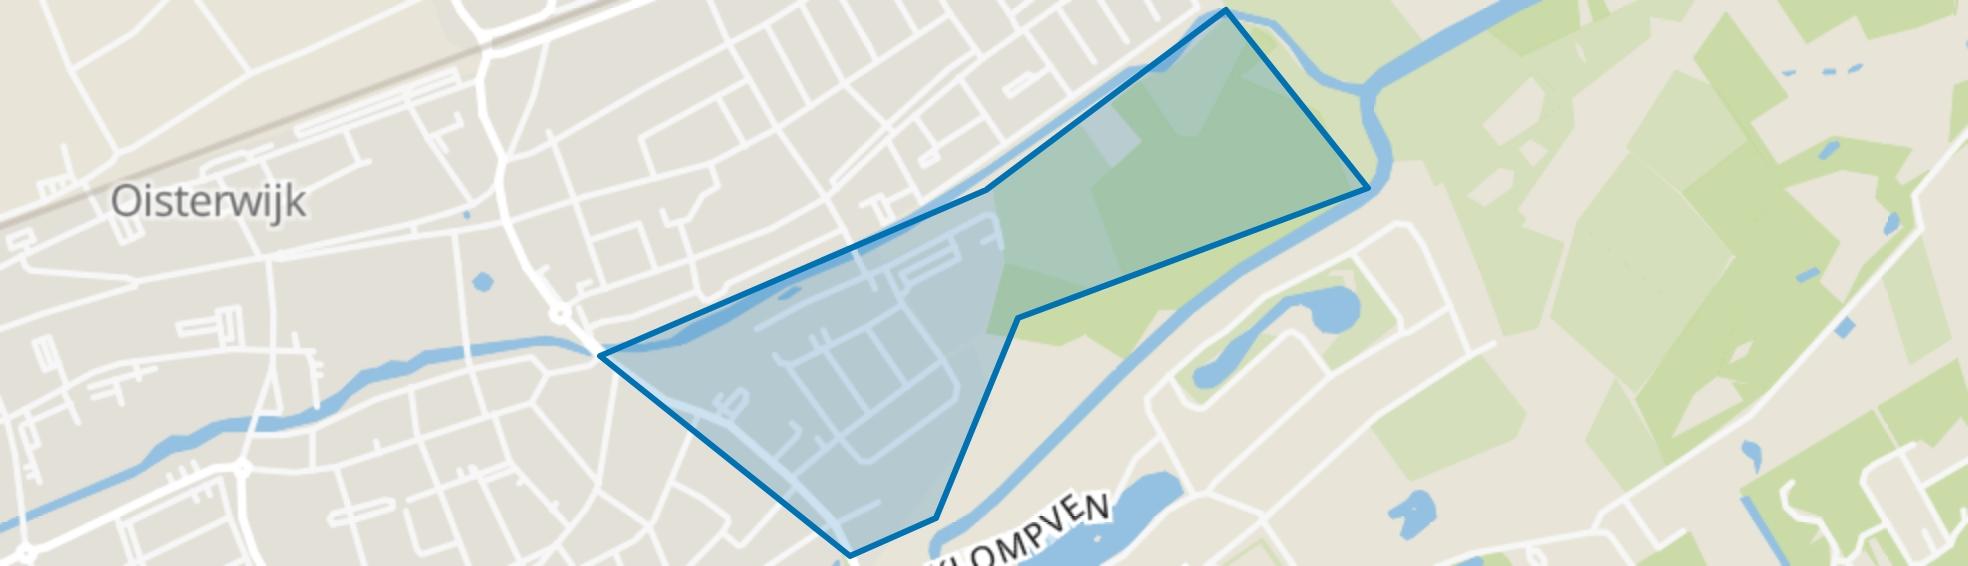 Omg. Burghtweide, Oisterwijk map